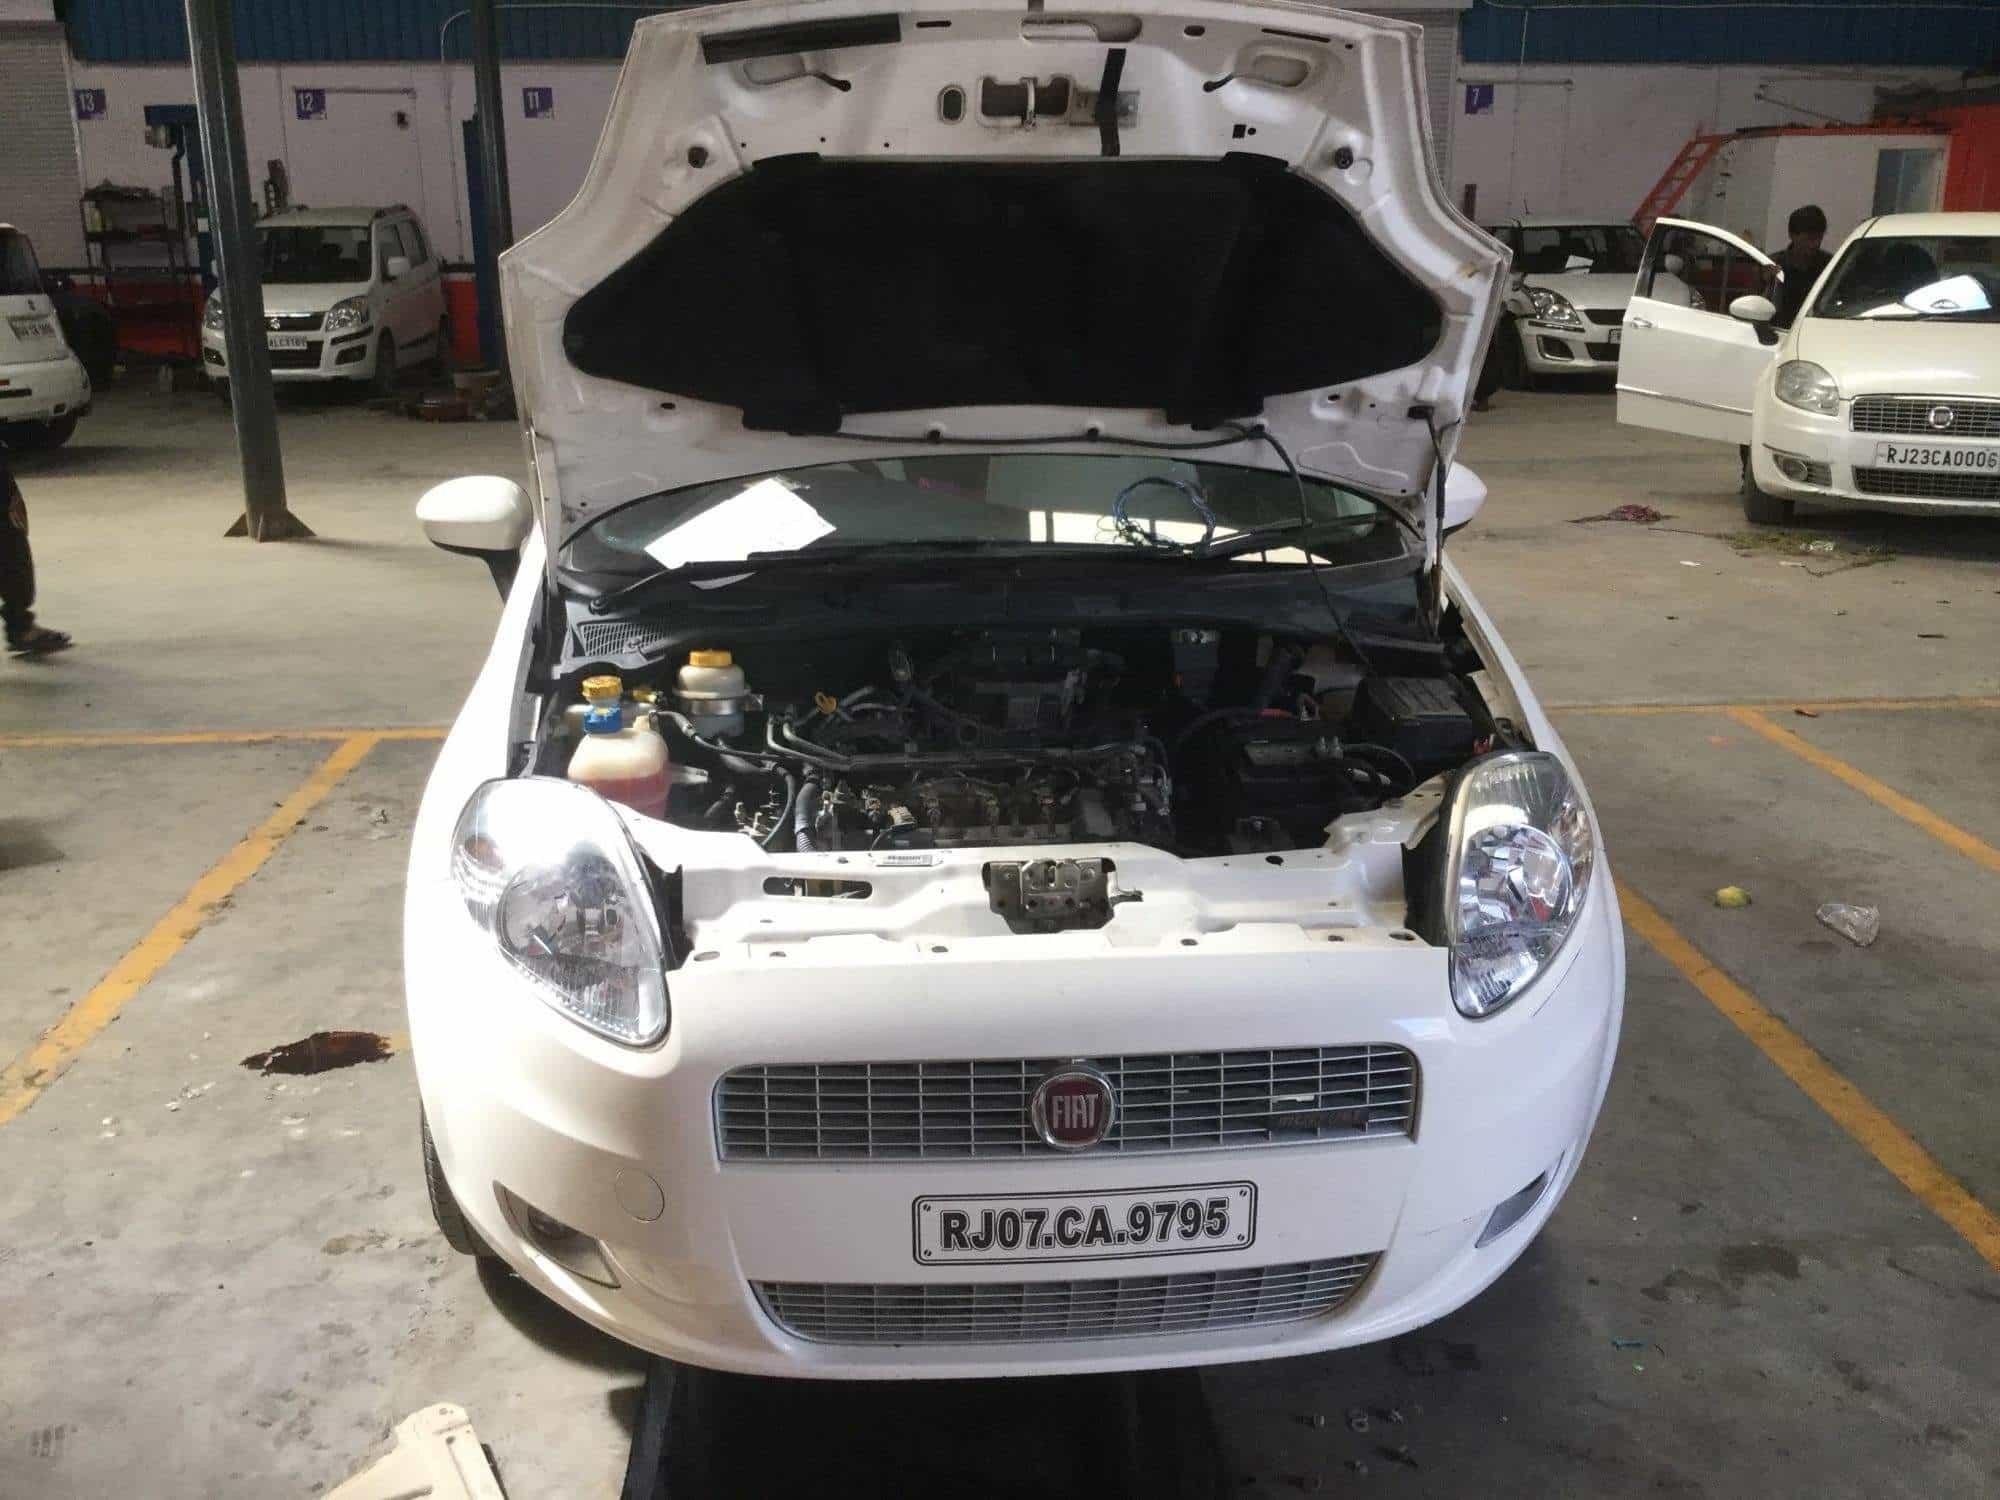 Punjab Automobiles Vishwakarma Industrial Area Car Repair